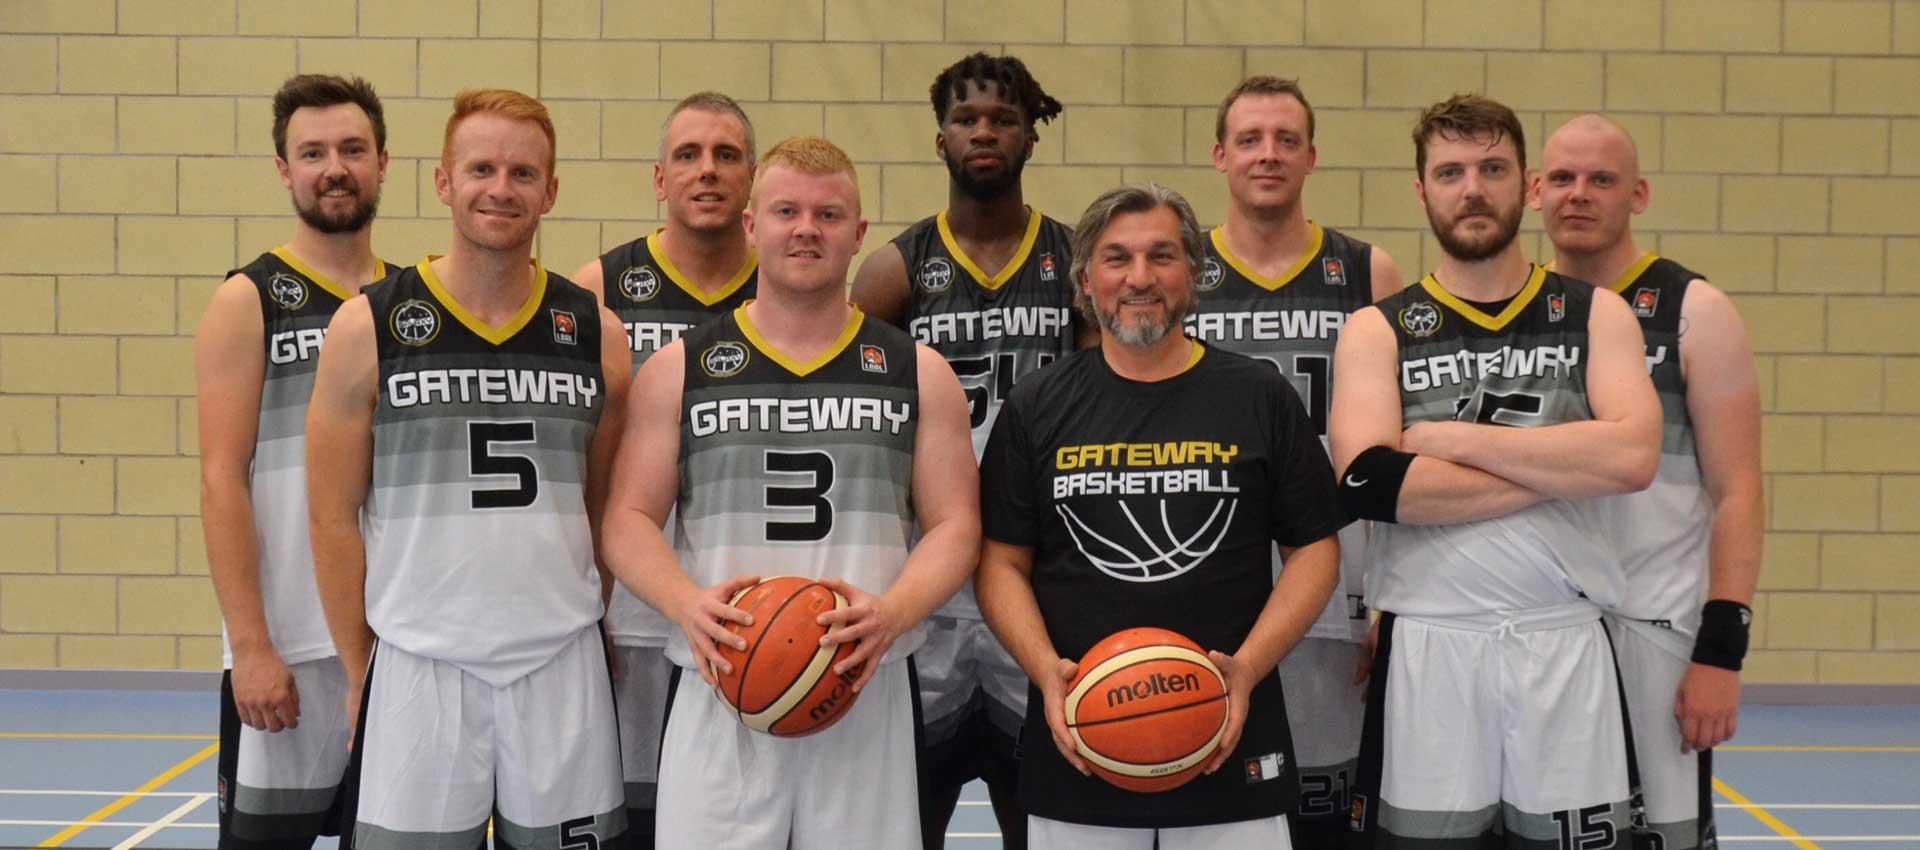 Leicesterbasketball Senior Mens League